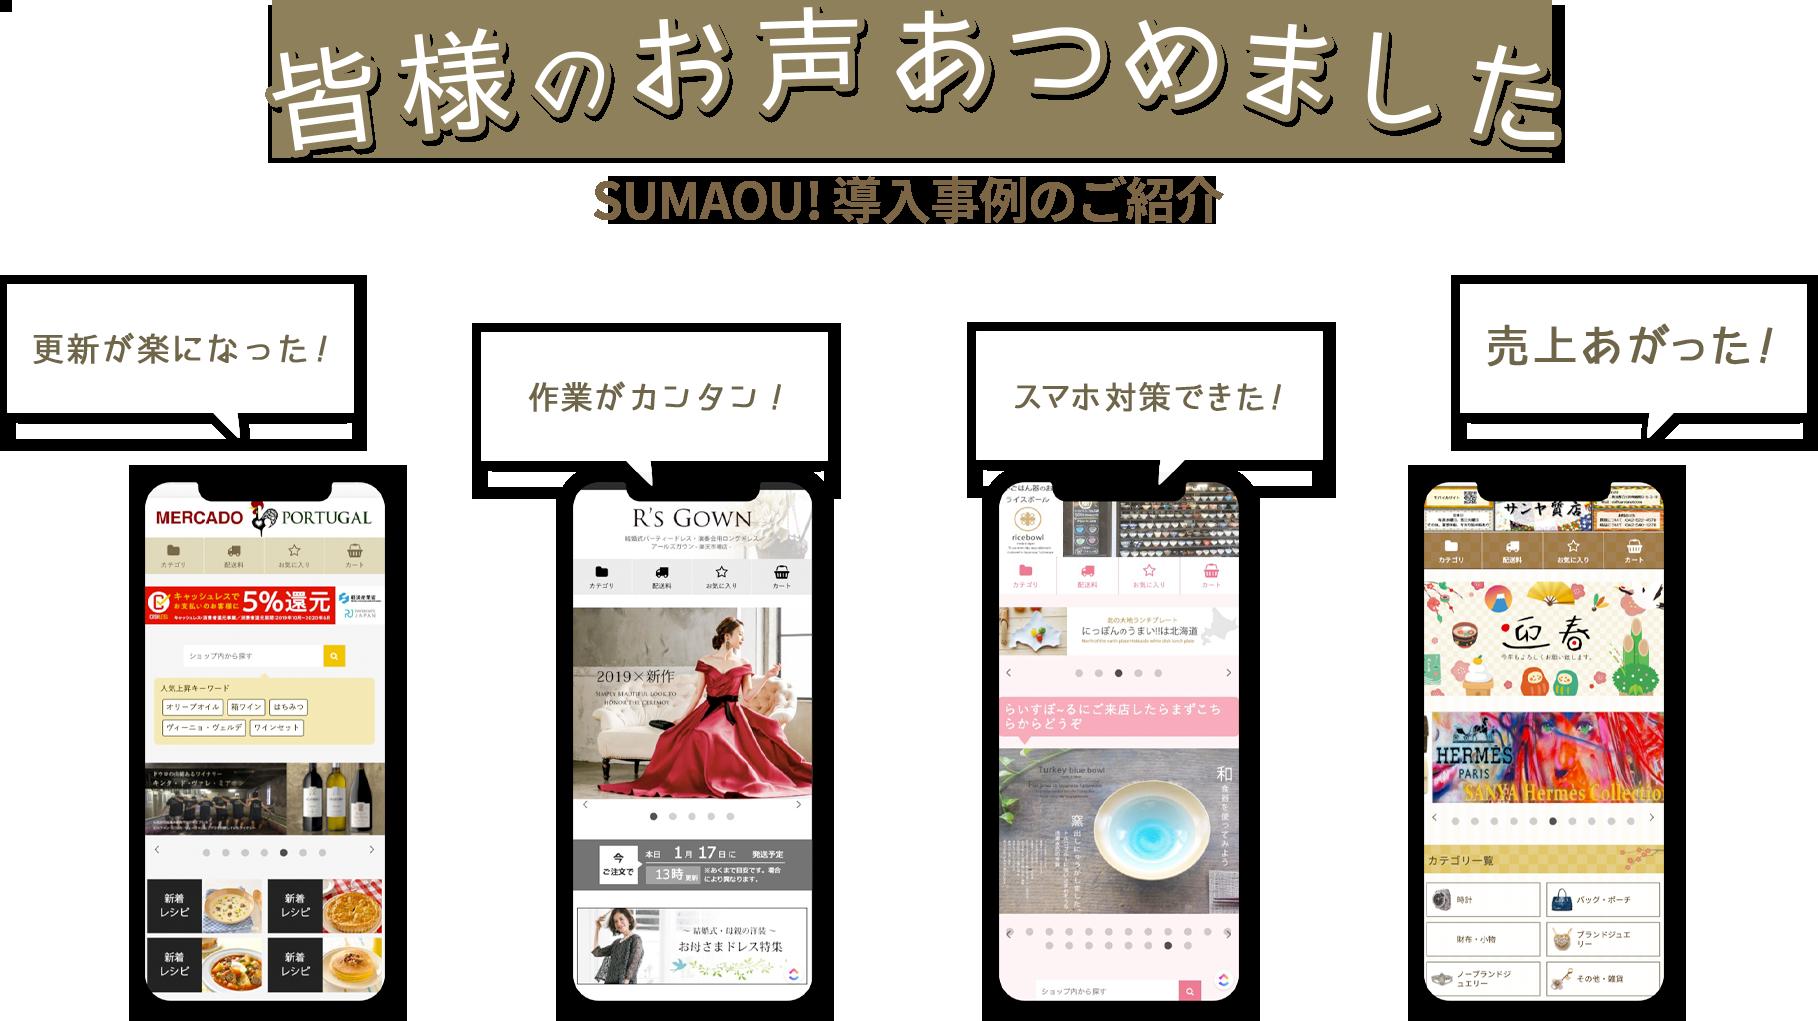 「売上あがった」「更新が楽になった」などの皆様のお声集めました。SUMAOU!導入事例のご紹介店舗を並べた画像